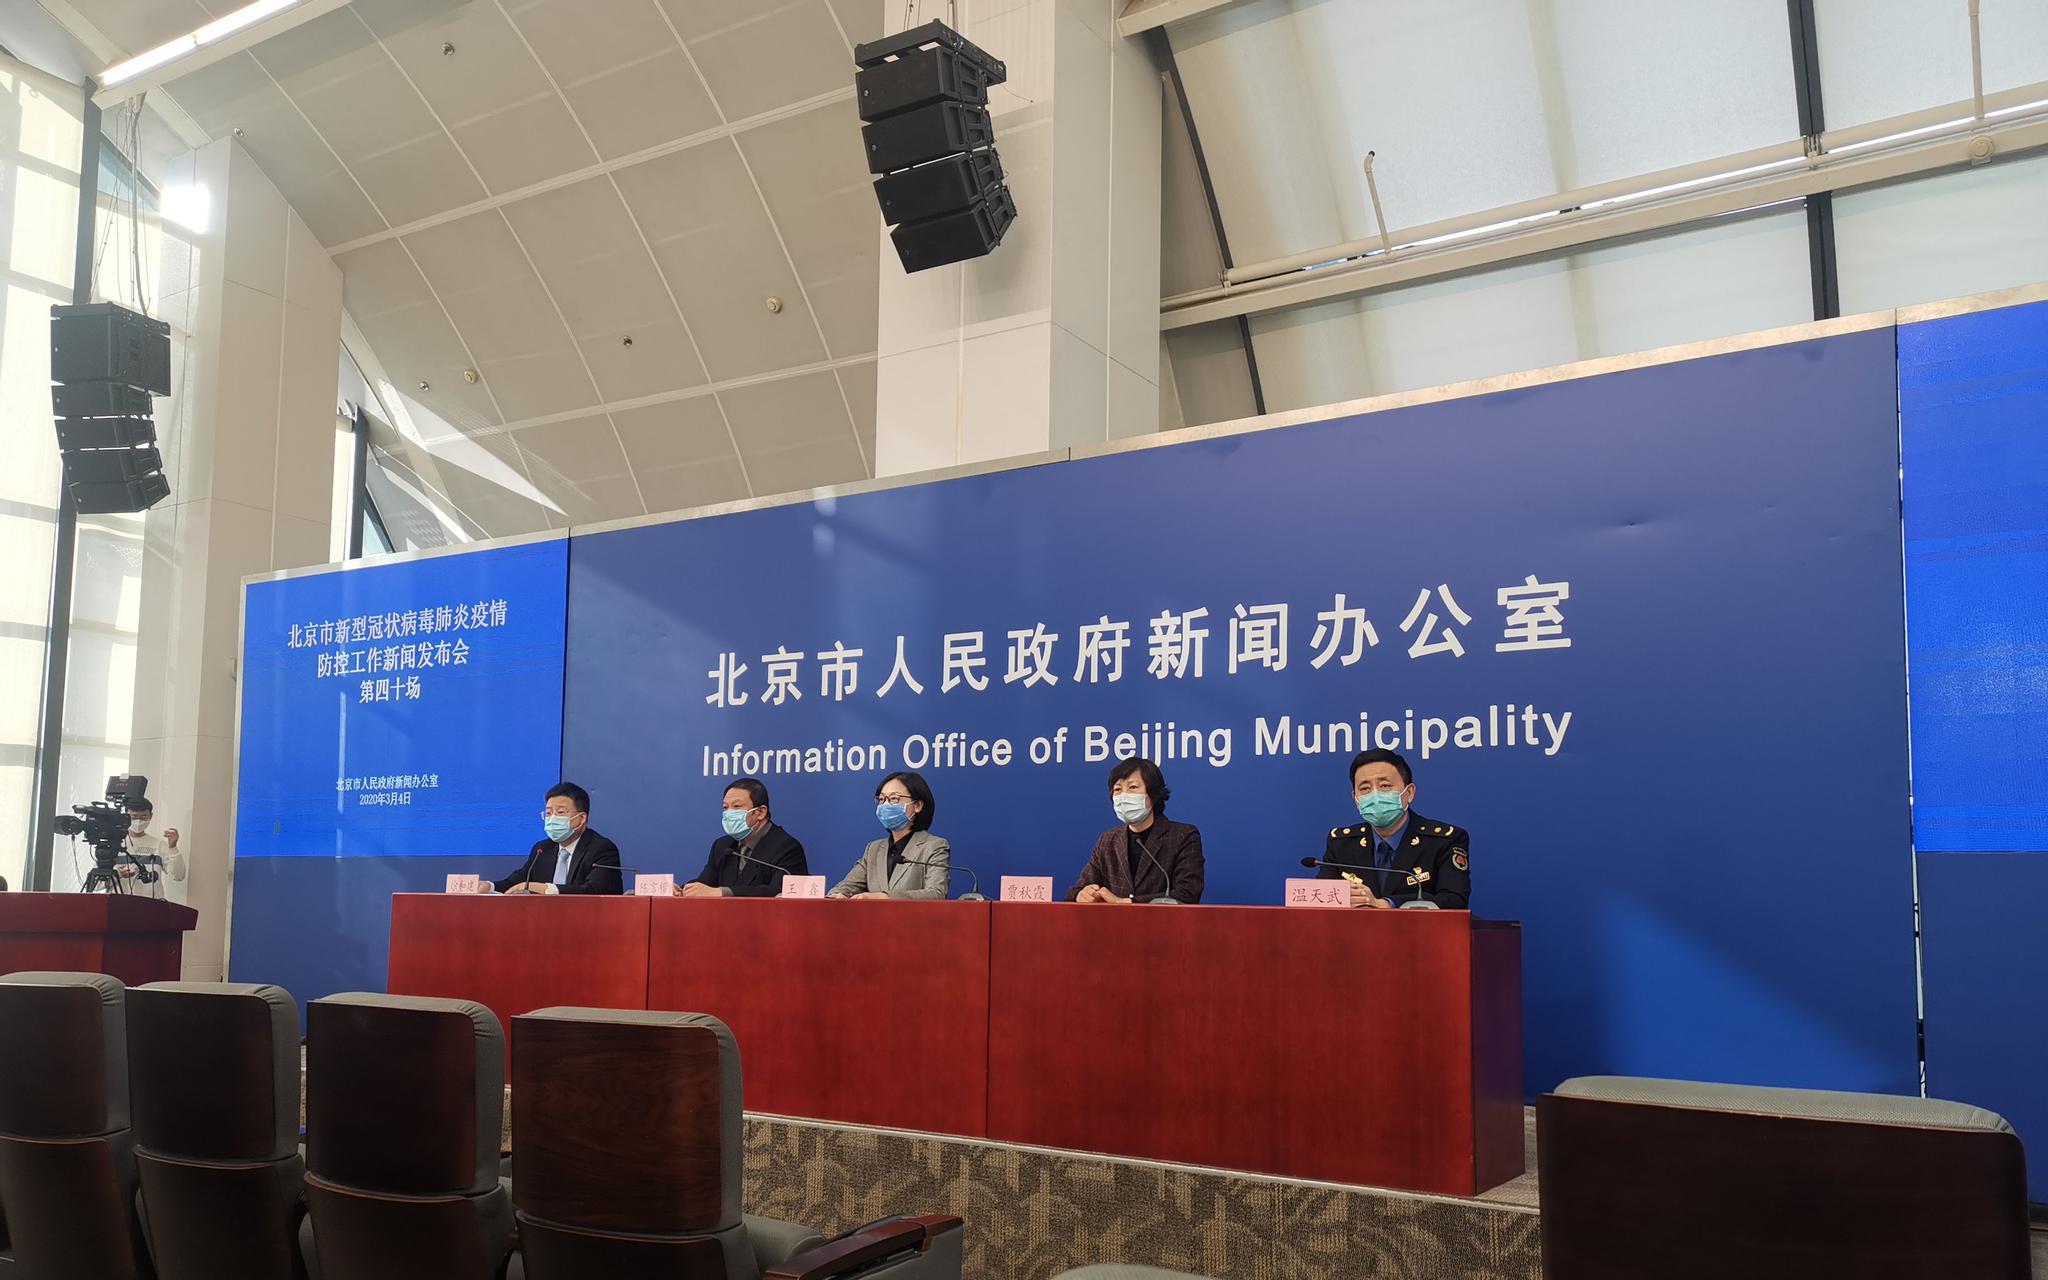 北京规定施工宿舍一间最多6人 楼宇办公间距至少1米图片